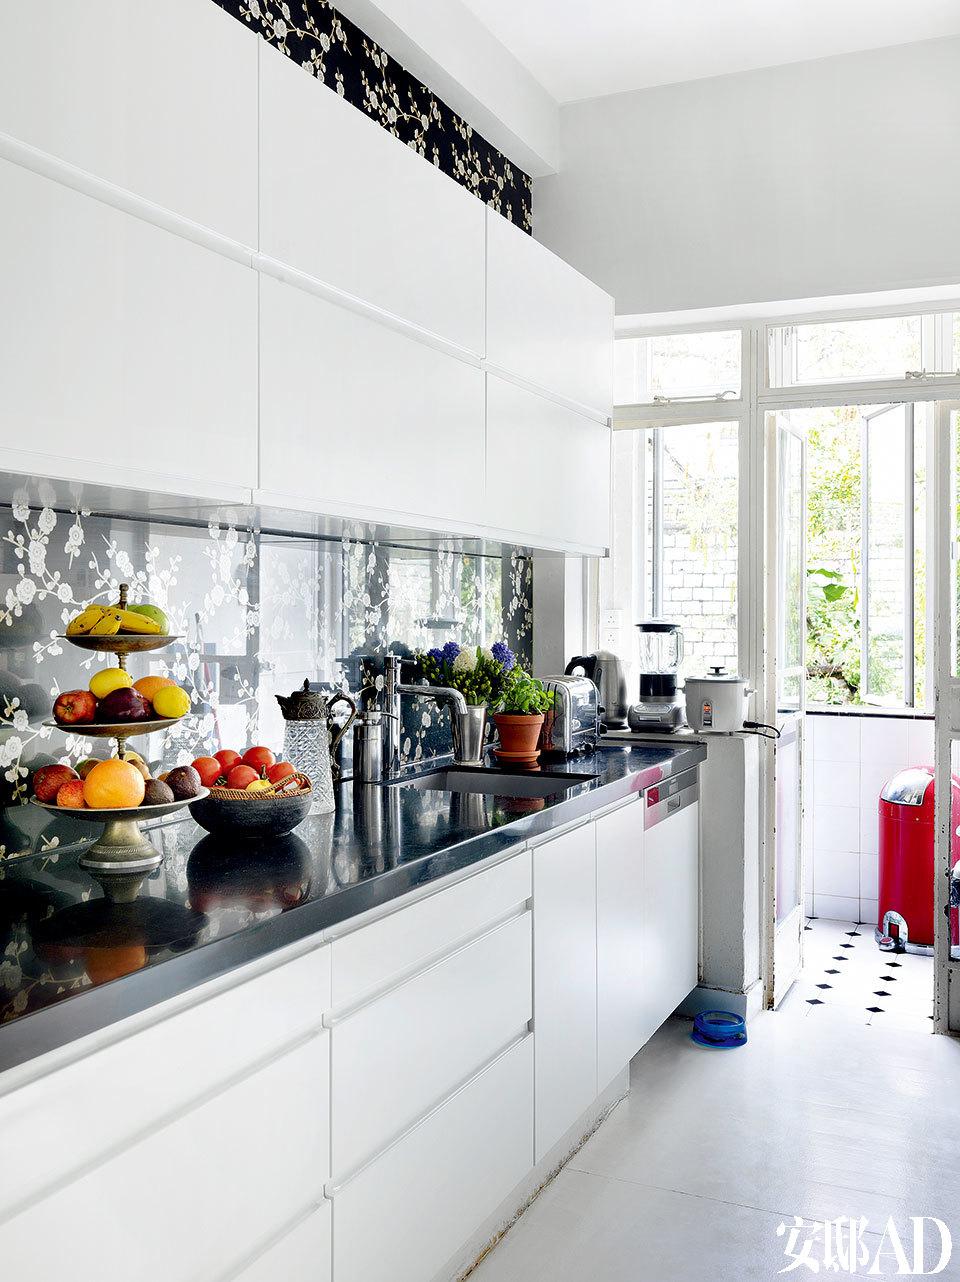 厨房依旧延续黑白色调,让美味看起来更加鲜妍。